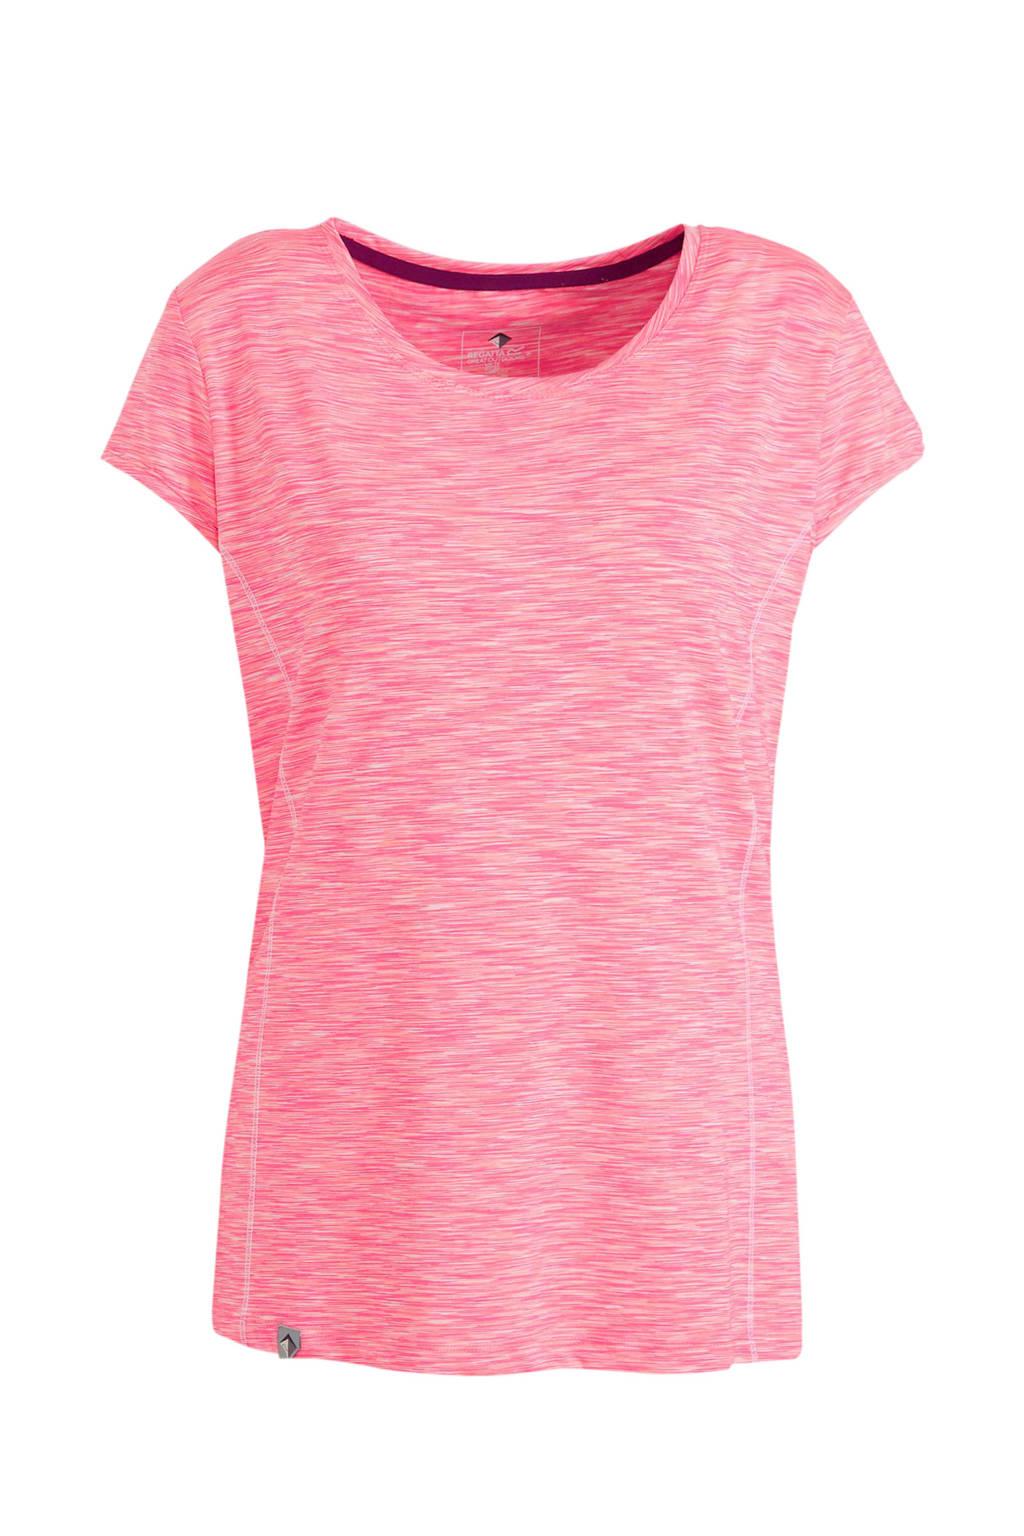 Regatta outdoor T-shirt roze, Roze